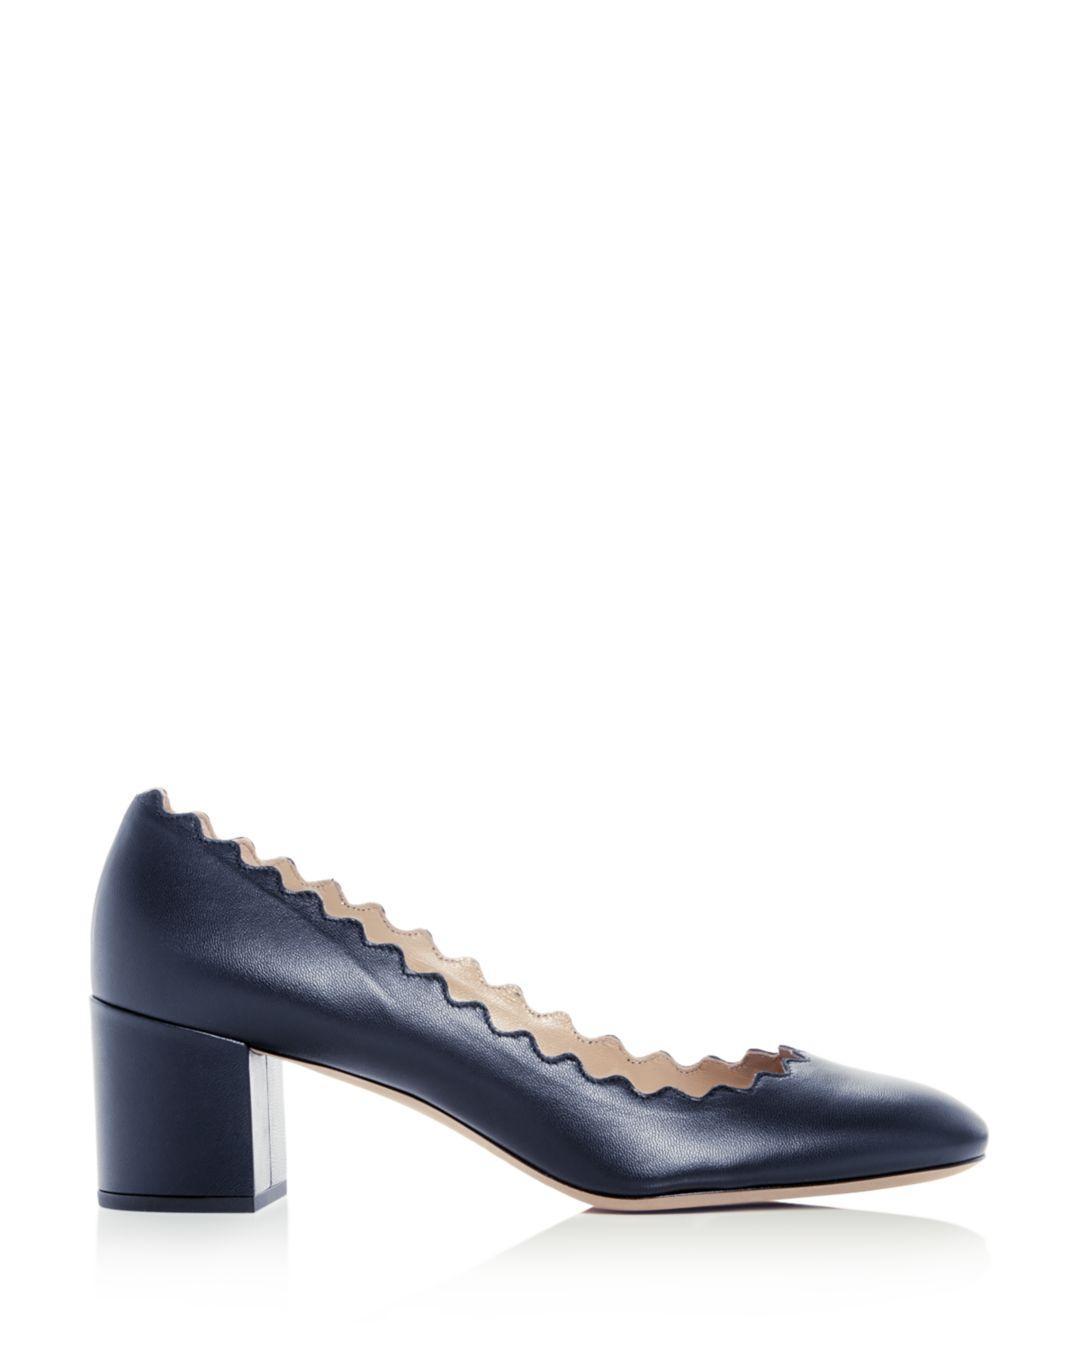 5d3e4cda504c Lyst - Chloé Women s Lauren Scalloped Block-heel Pumps in Blue